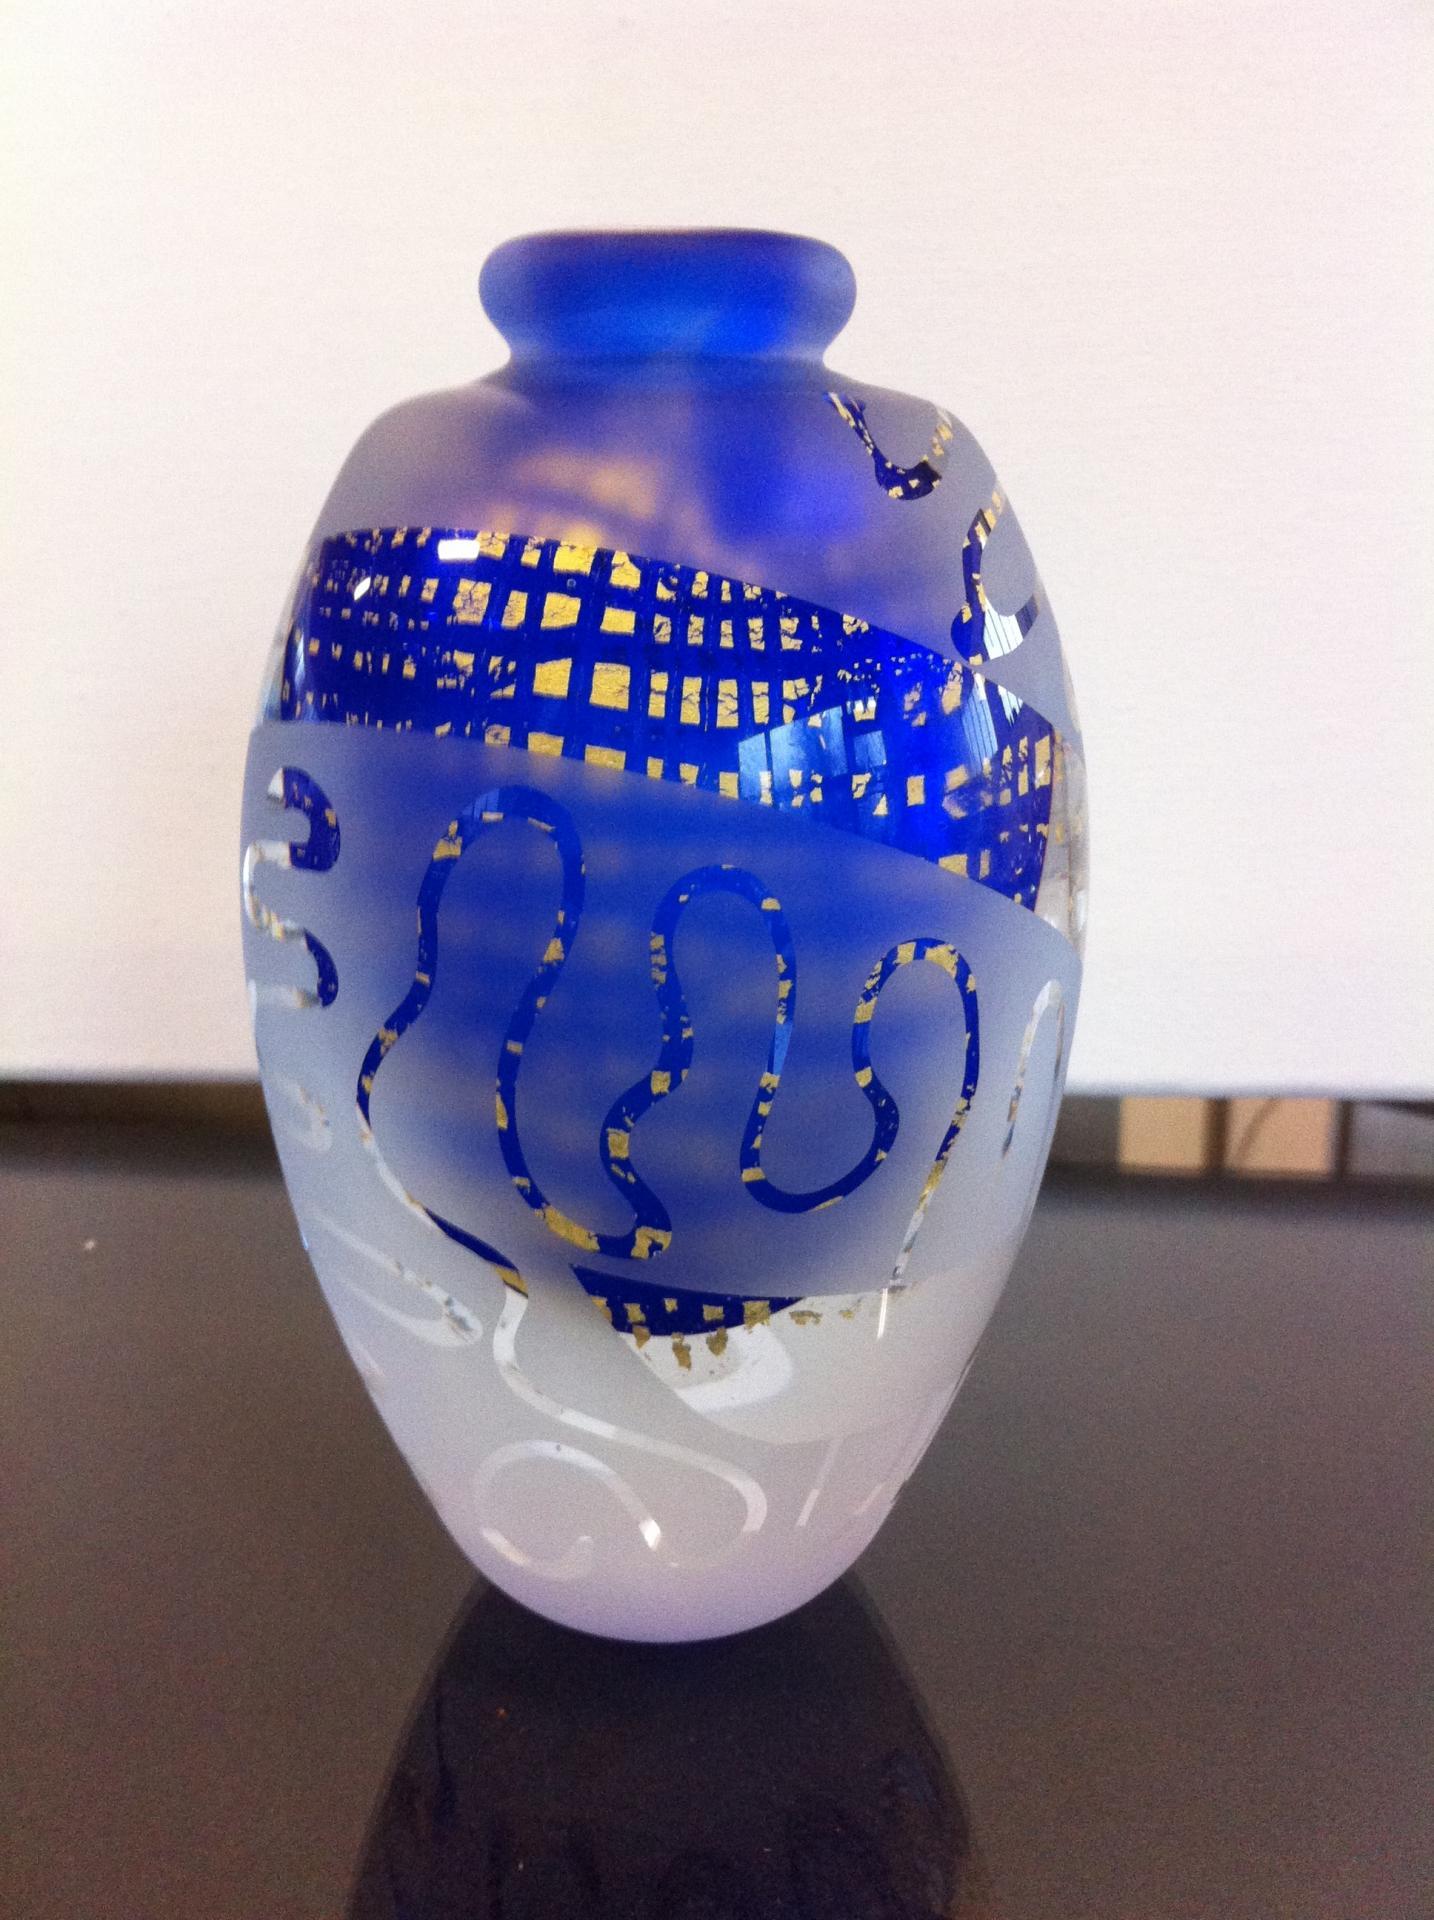 Vase en verre , feuilles d'or et sablage en surface